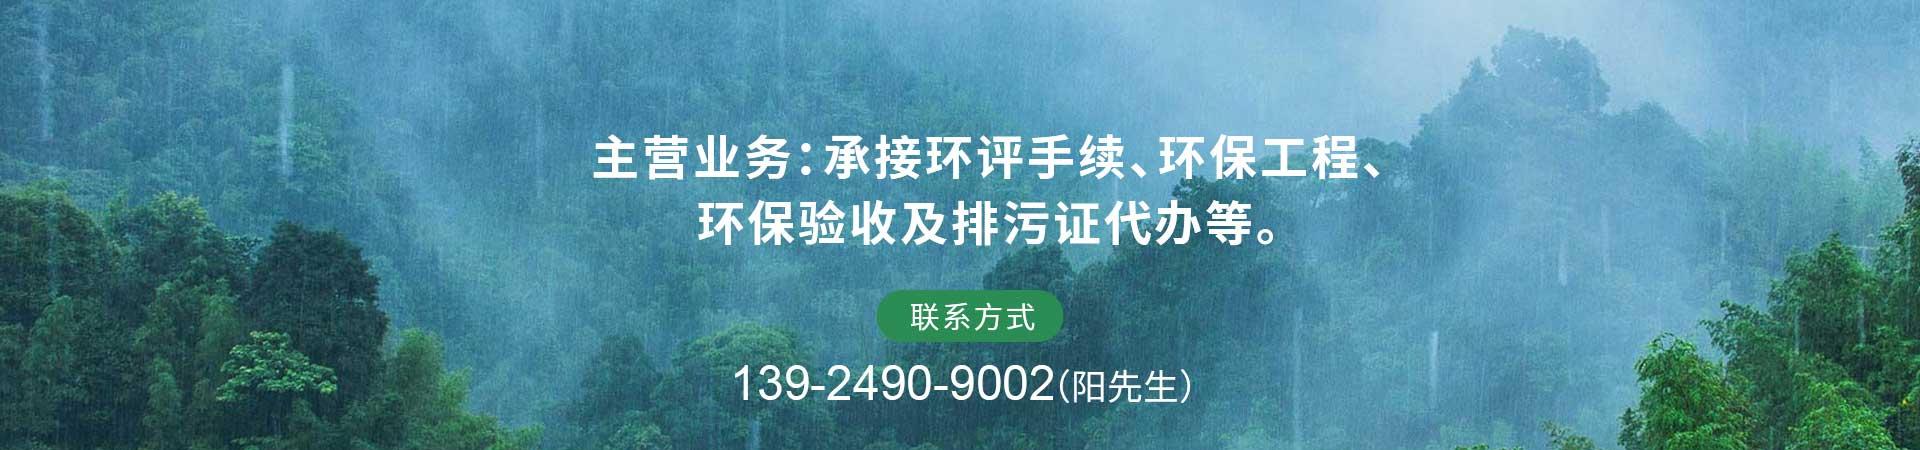 中山环评,中山环保工程